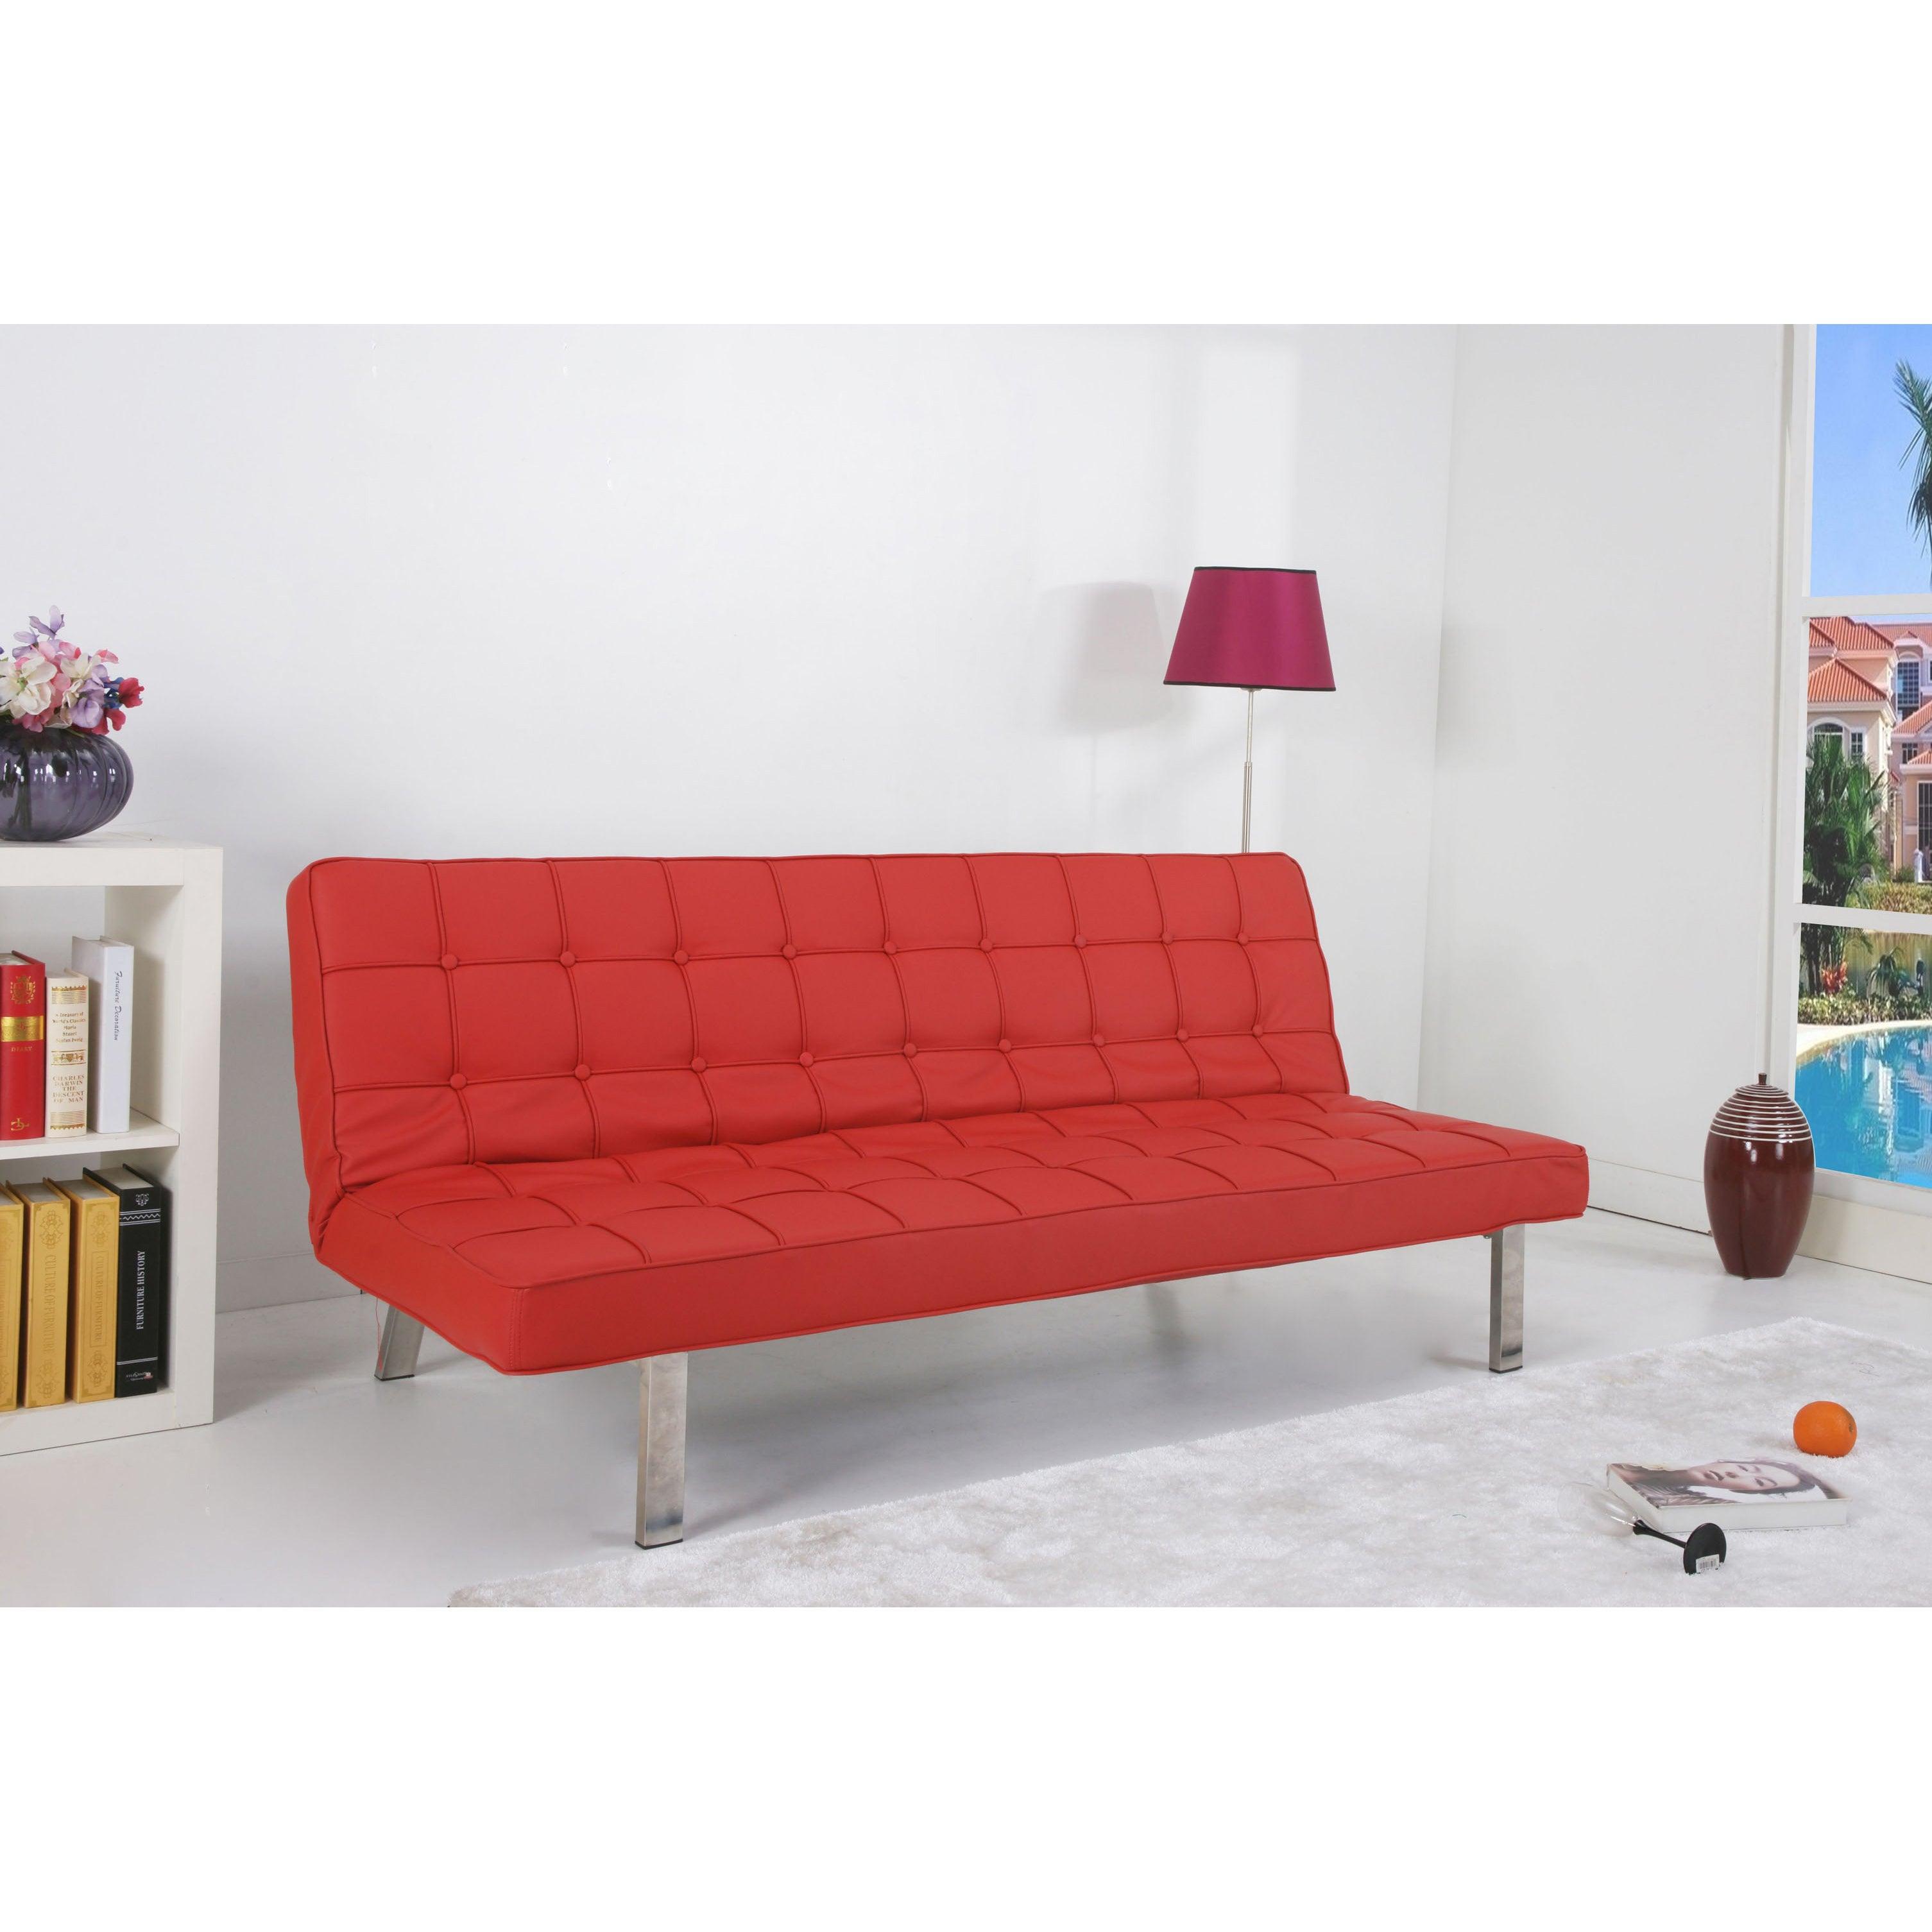 \'Vegas\' Red Futon Sofa Bed